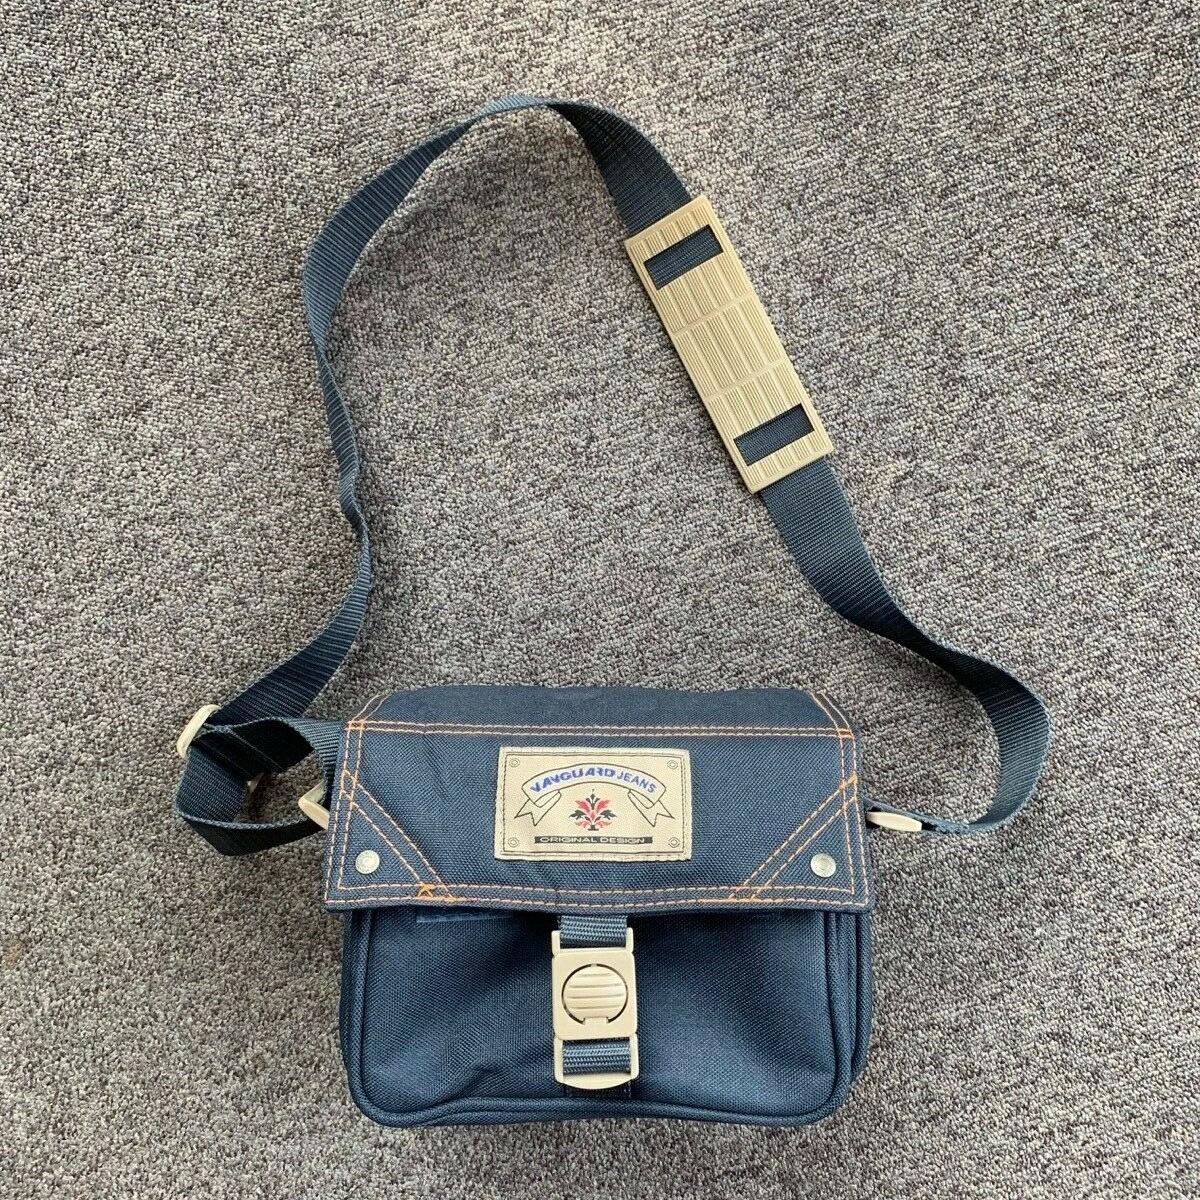 Vanguard Jeans Camera Bag